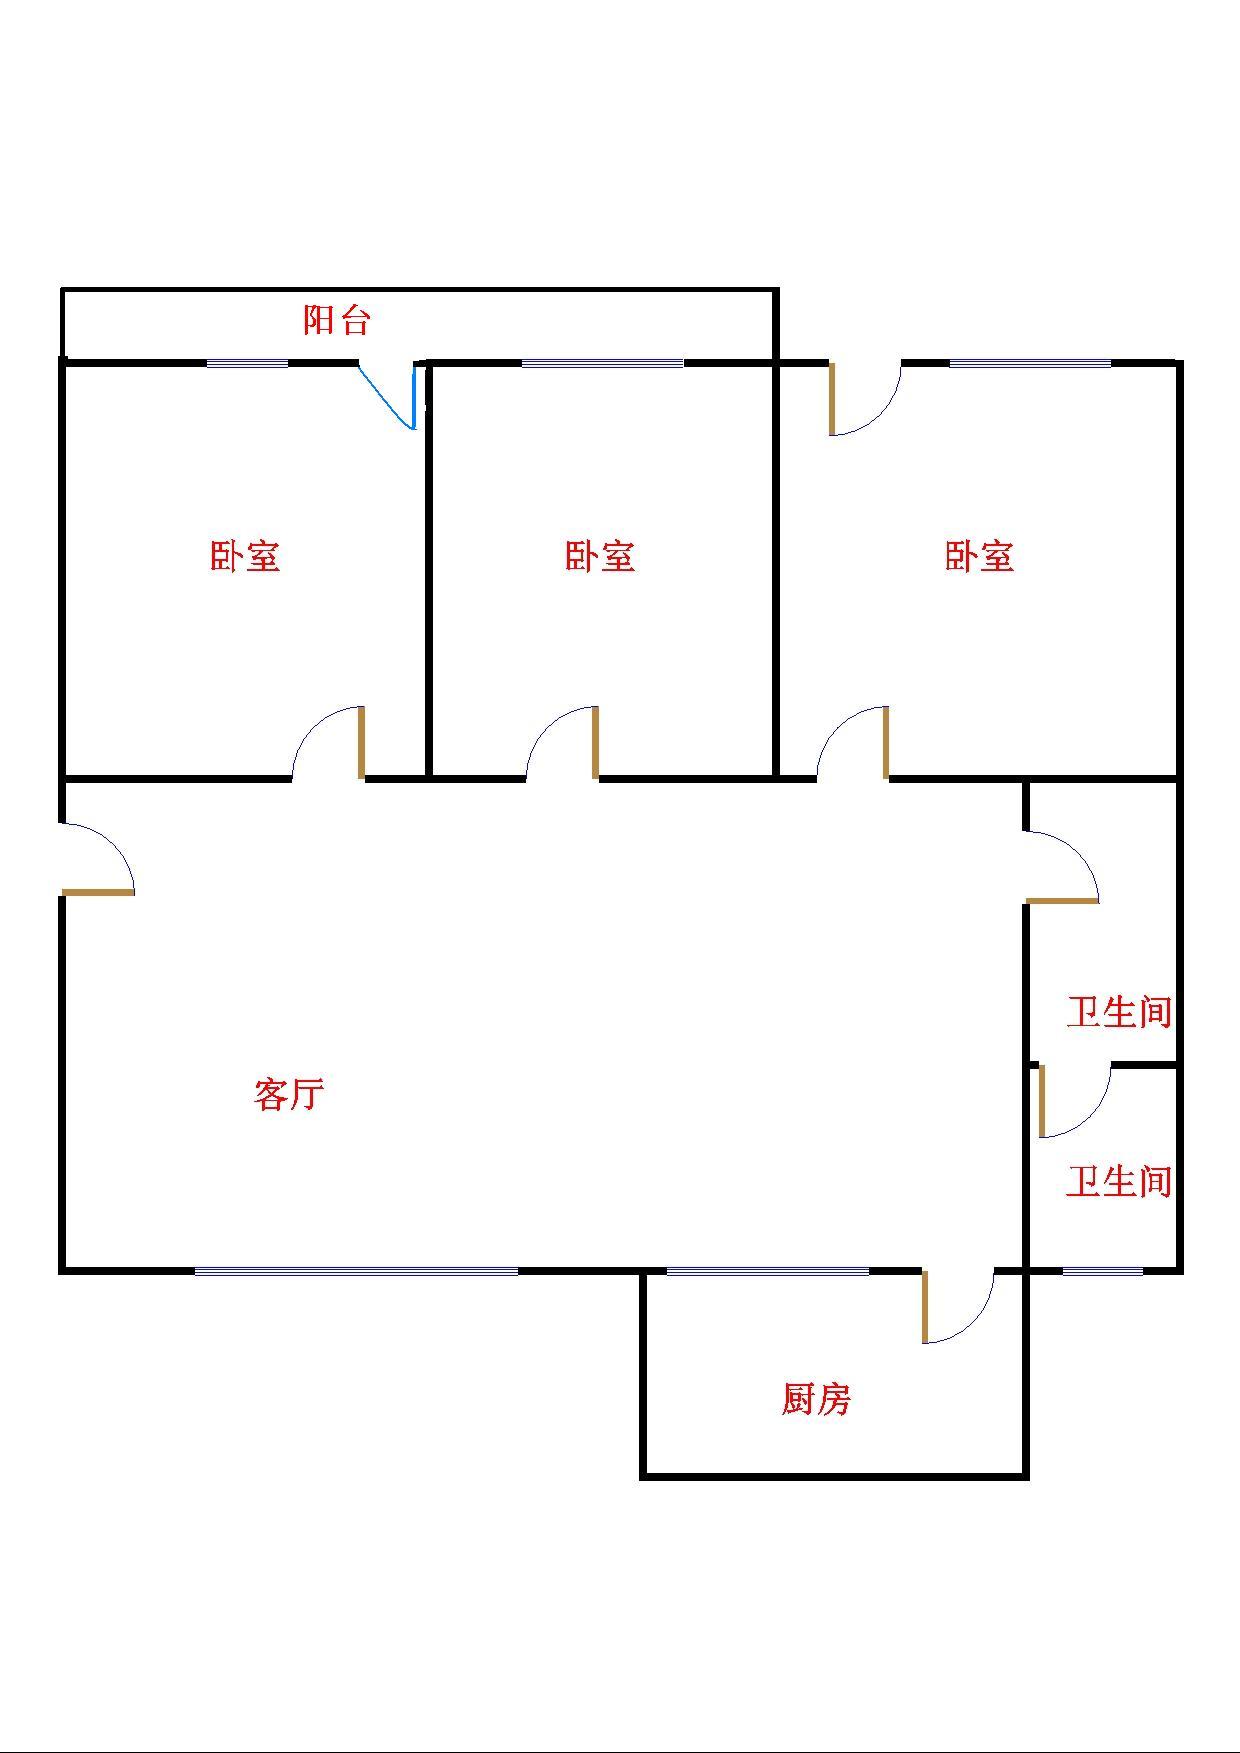 粮局宿舍 3室2厅 双证齐全 简装 72万